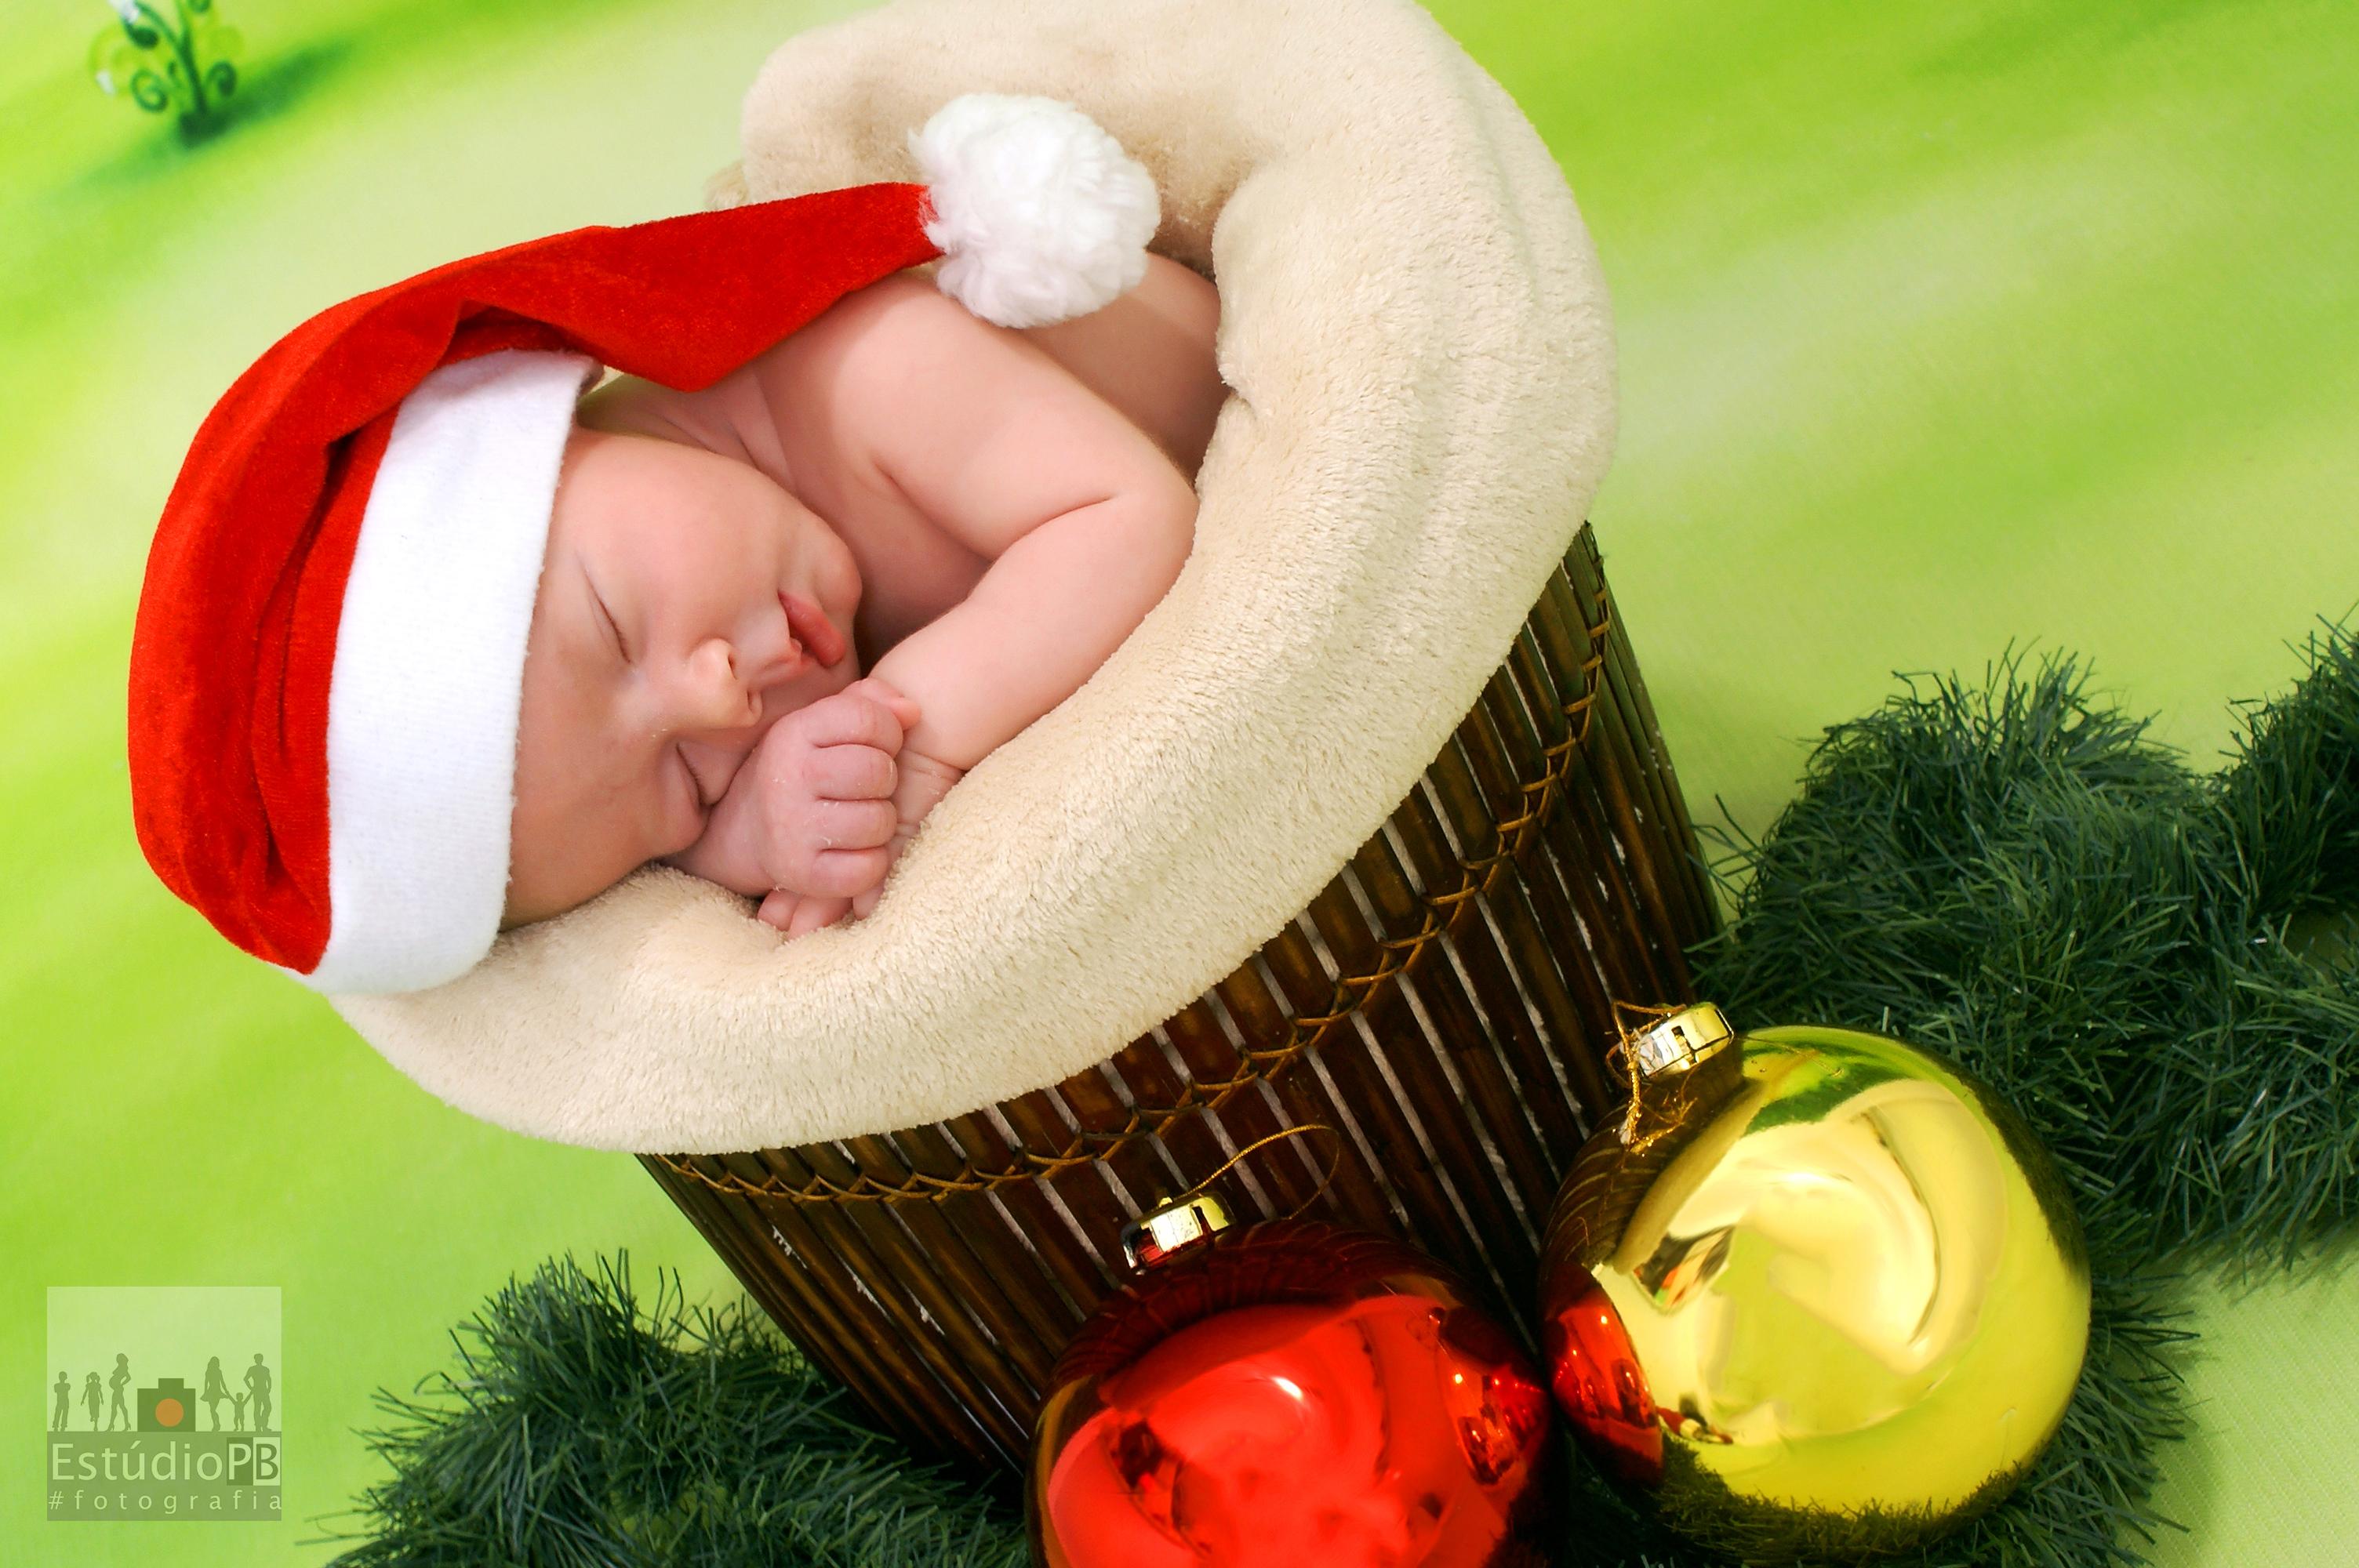 Fotos de estudio de bebe todos os direiro reservados para Estudio PB - ME www.estudioPB.com.br fone (011) 3688 3441